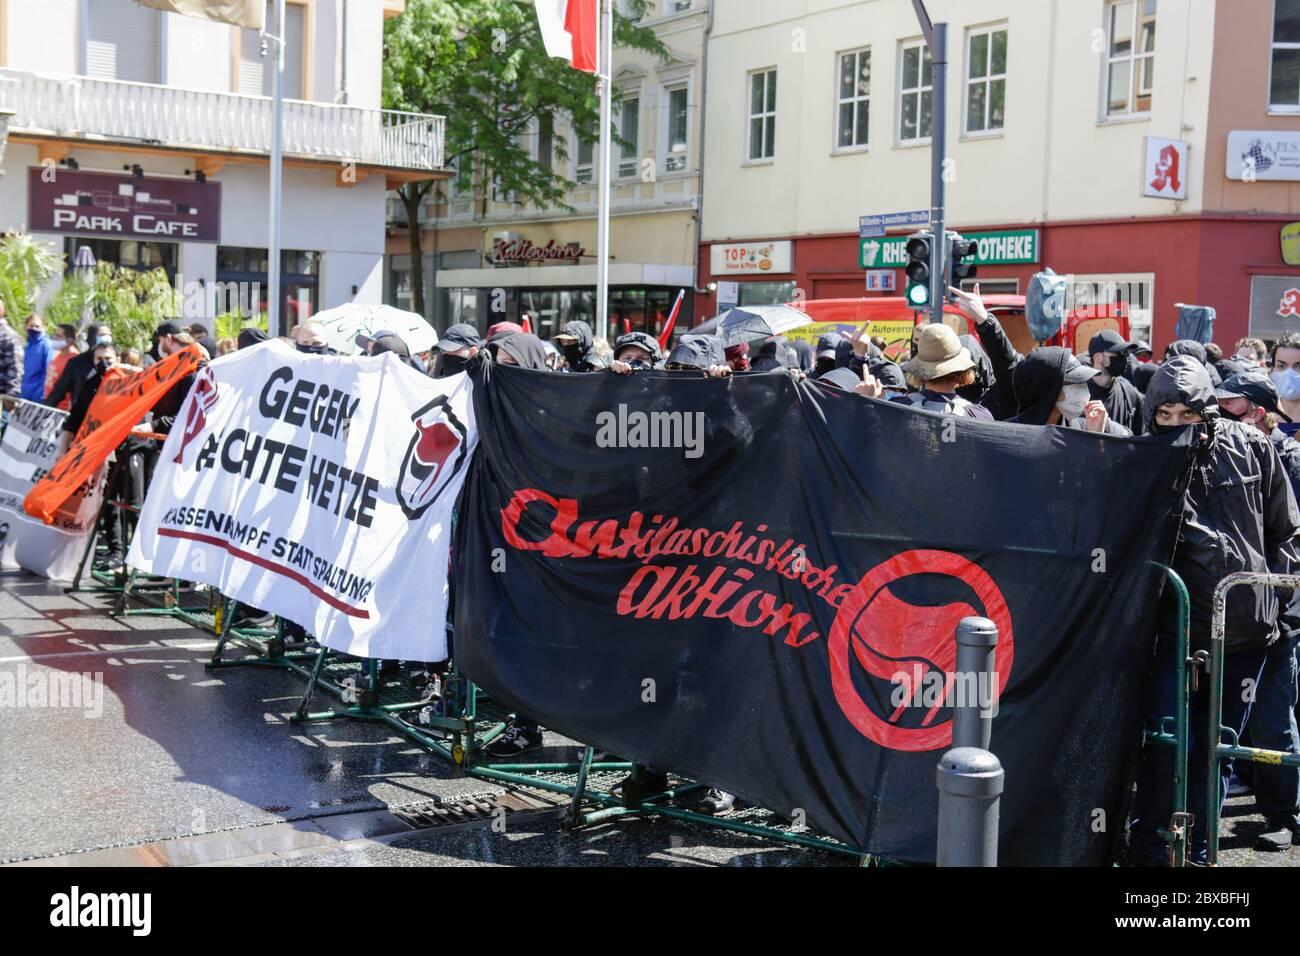 Worm, Germania. 6 giugno 2020. Centinaia di contronotori si oppongono al rally di destra. Circa 50 manifestanti di destra hanno marciato attraverso il centro di Worms per il 12. E l'ultimo 'giorno del futuro tedesco'. La marcia è stata ridotta a causa di diverse centinaia di contronestori che hanno bloccato la strada della marcia di destra. la marcia è stata un evento annuale di destra in diverse città tedesche che ha attirato oltre 1000 manifestanti al suo massimo livello. Foto Stock